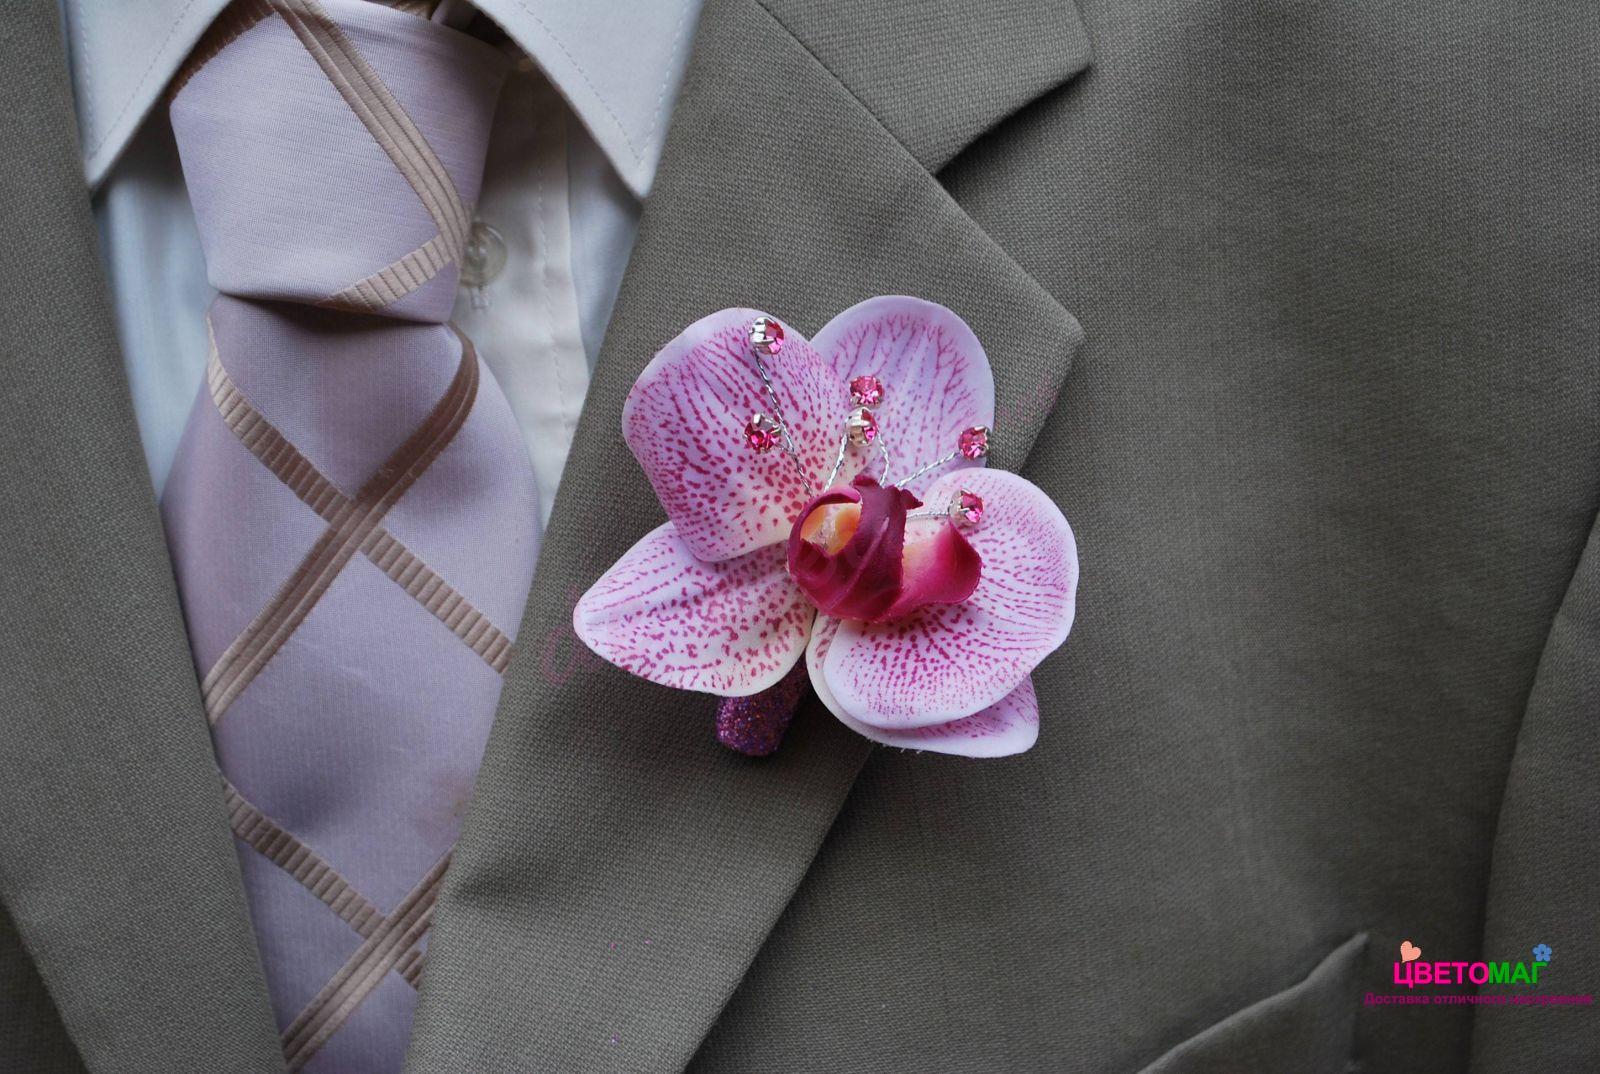 Бутоньерка с розовой орхидеей